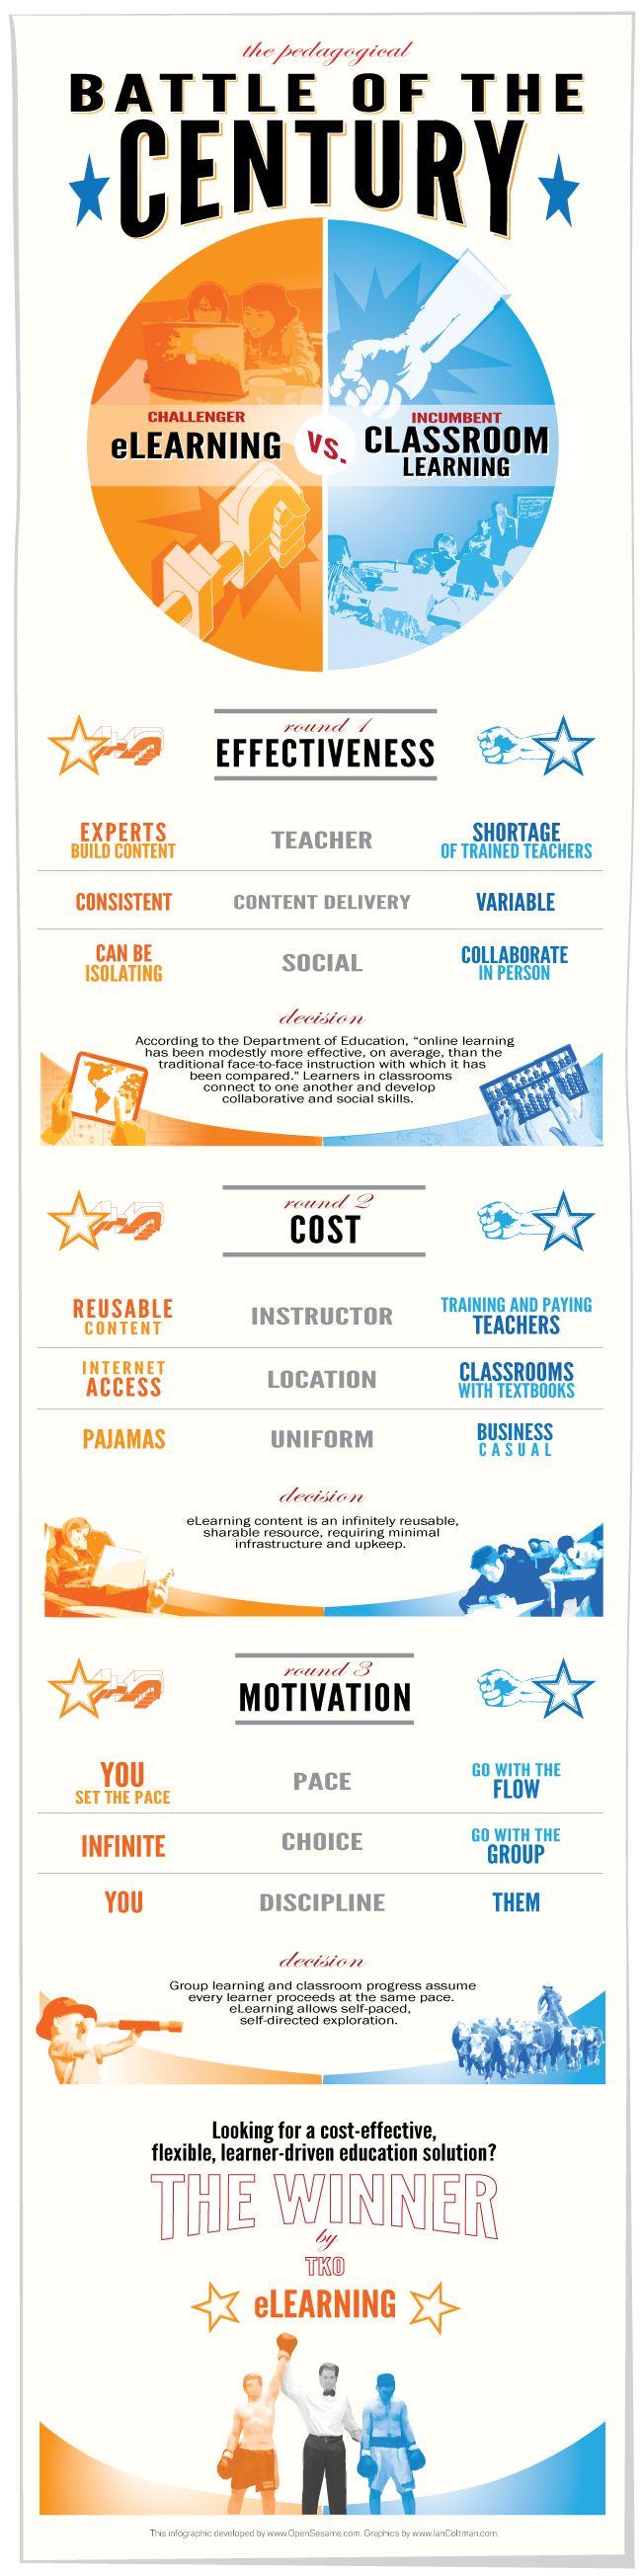 eLearning o aprendizaje presencial? he allí el dilema... y mientras cómo ajustarnos al proceso de transformación del sistema